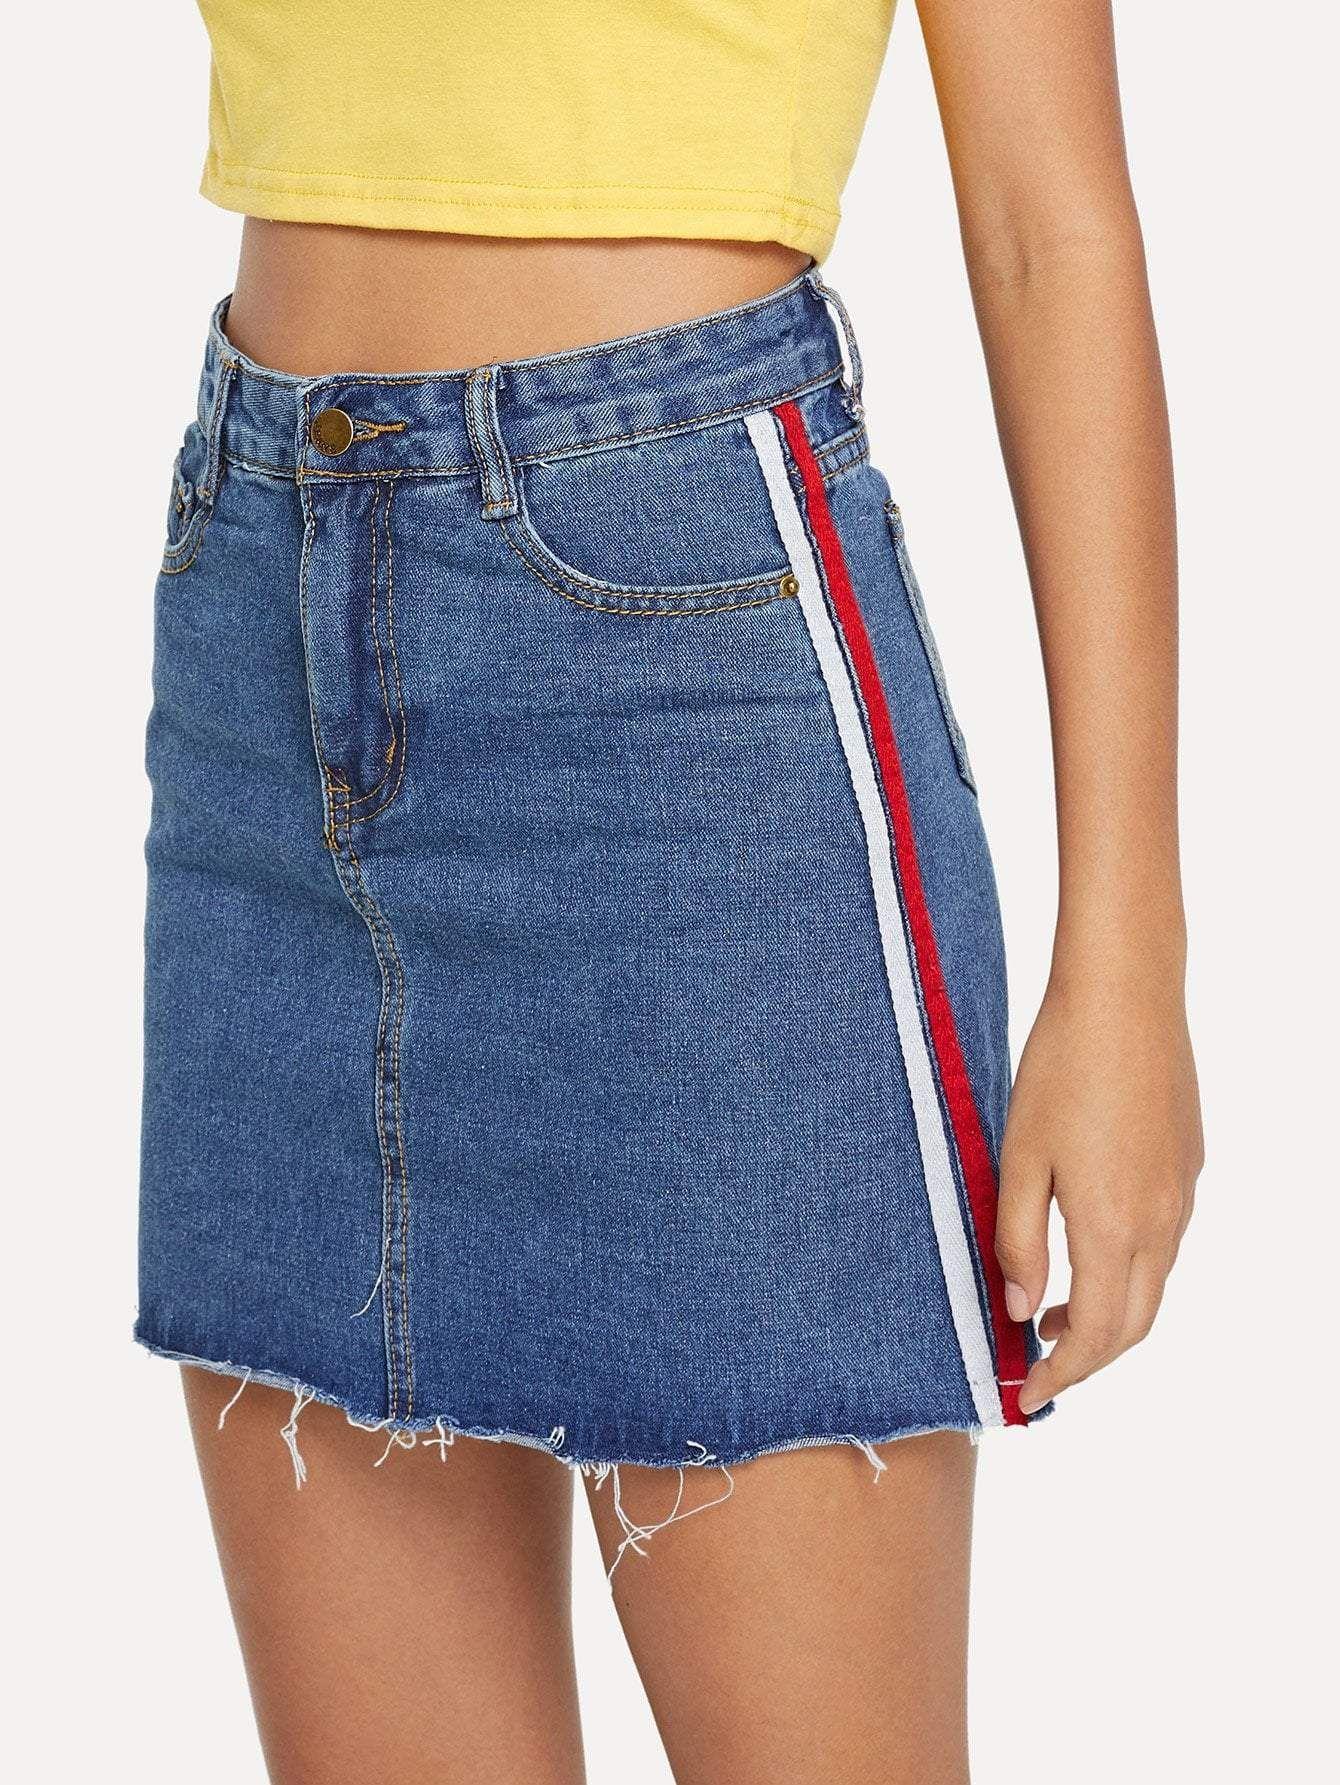 029975e02 ribbon raw hem denim skirt. #denimskirts #denim #women #fashion ...